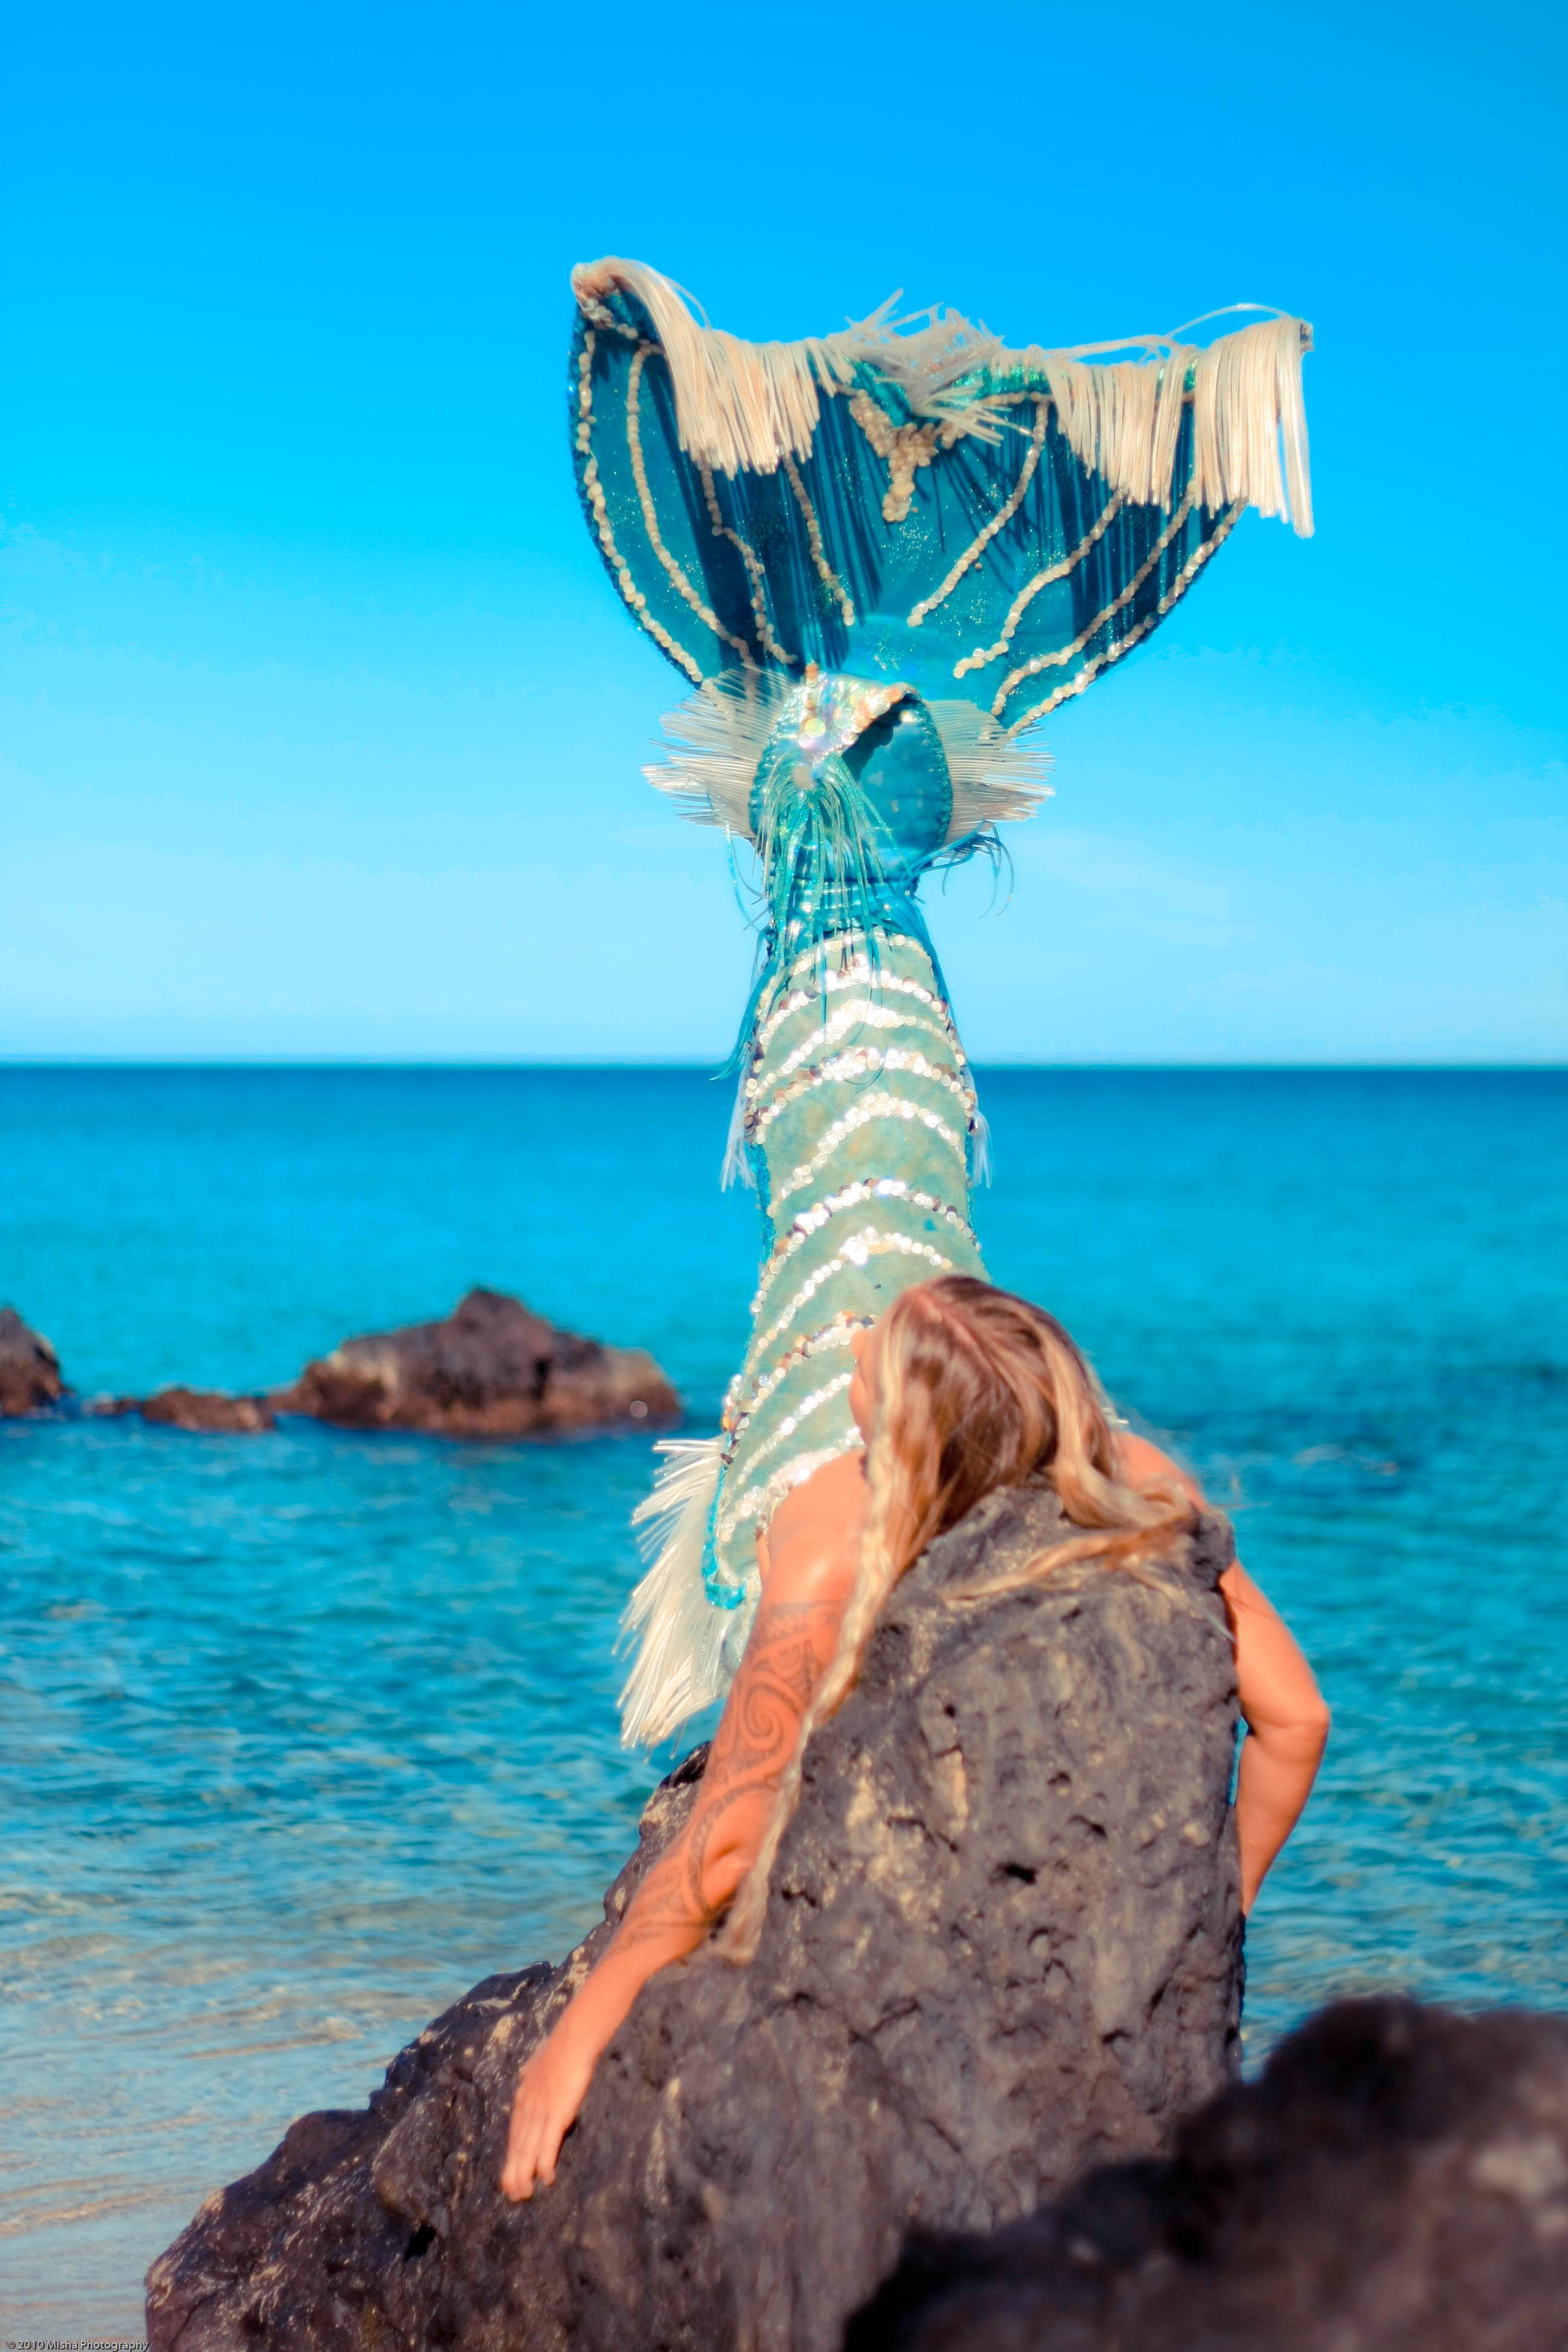 dana marie mermaid of the sea i am a mermaid